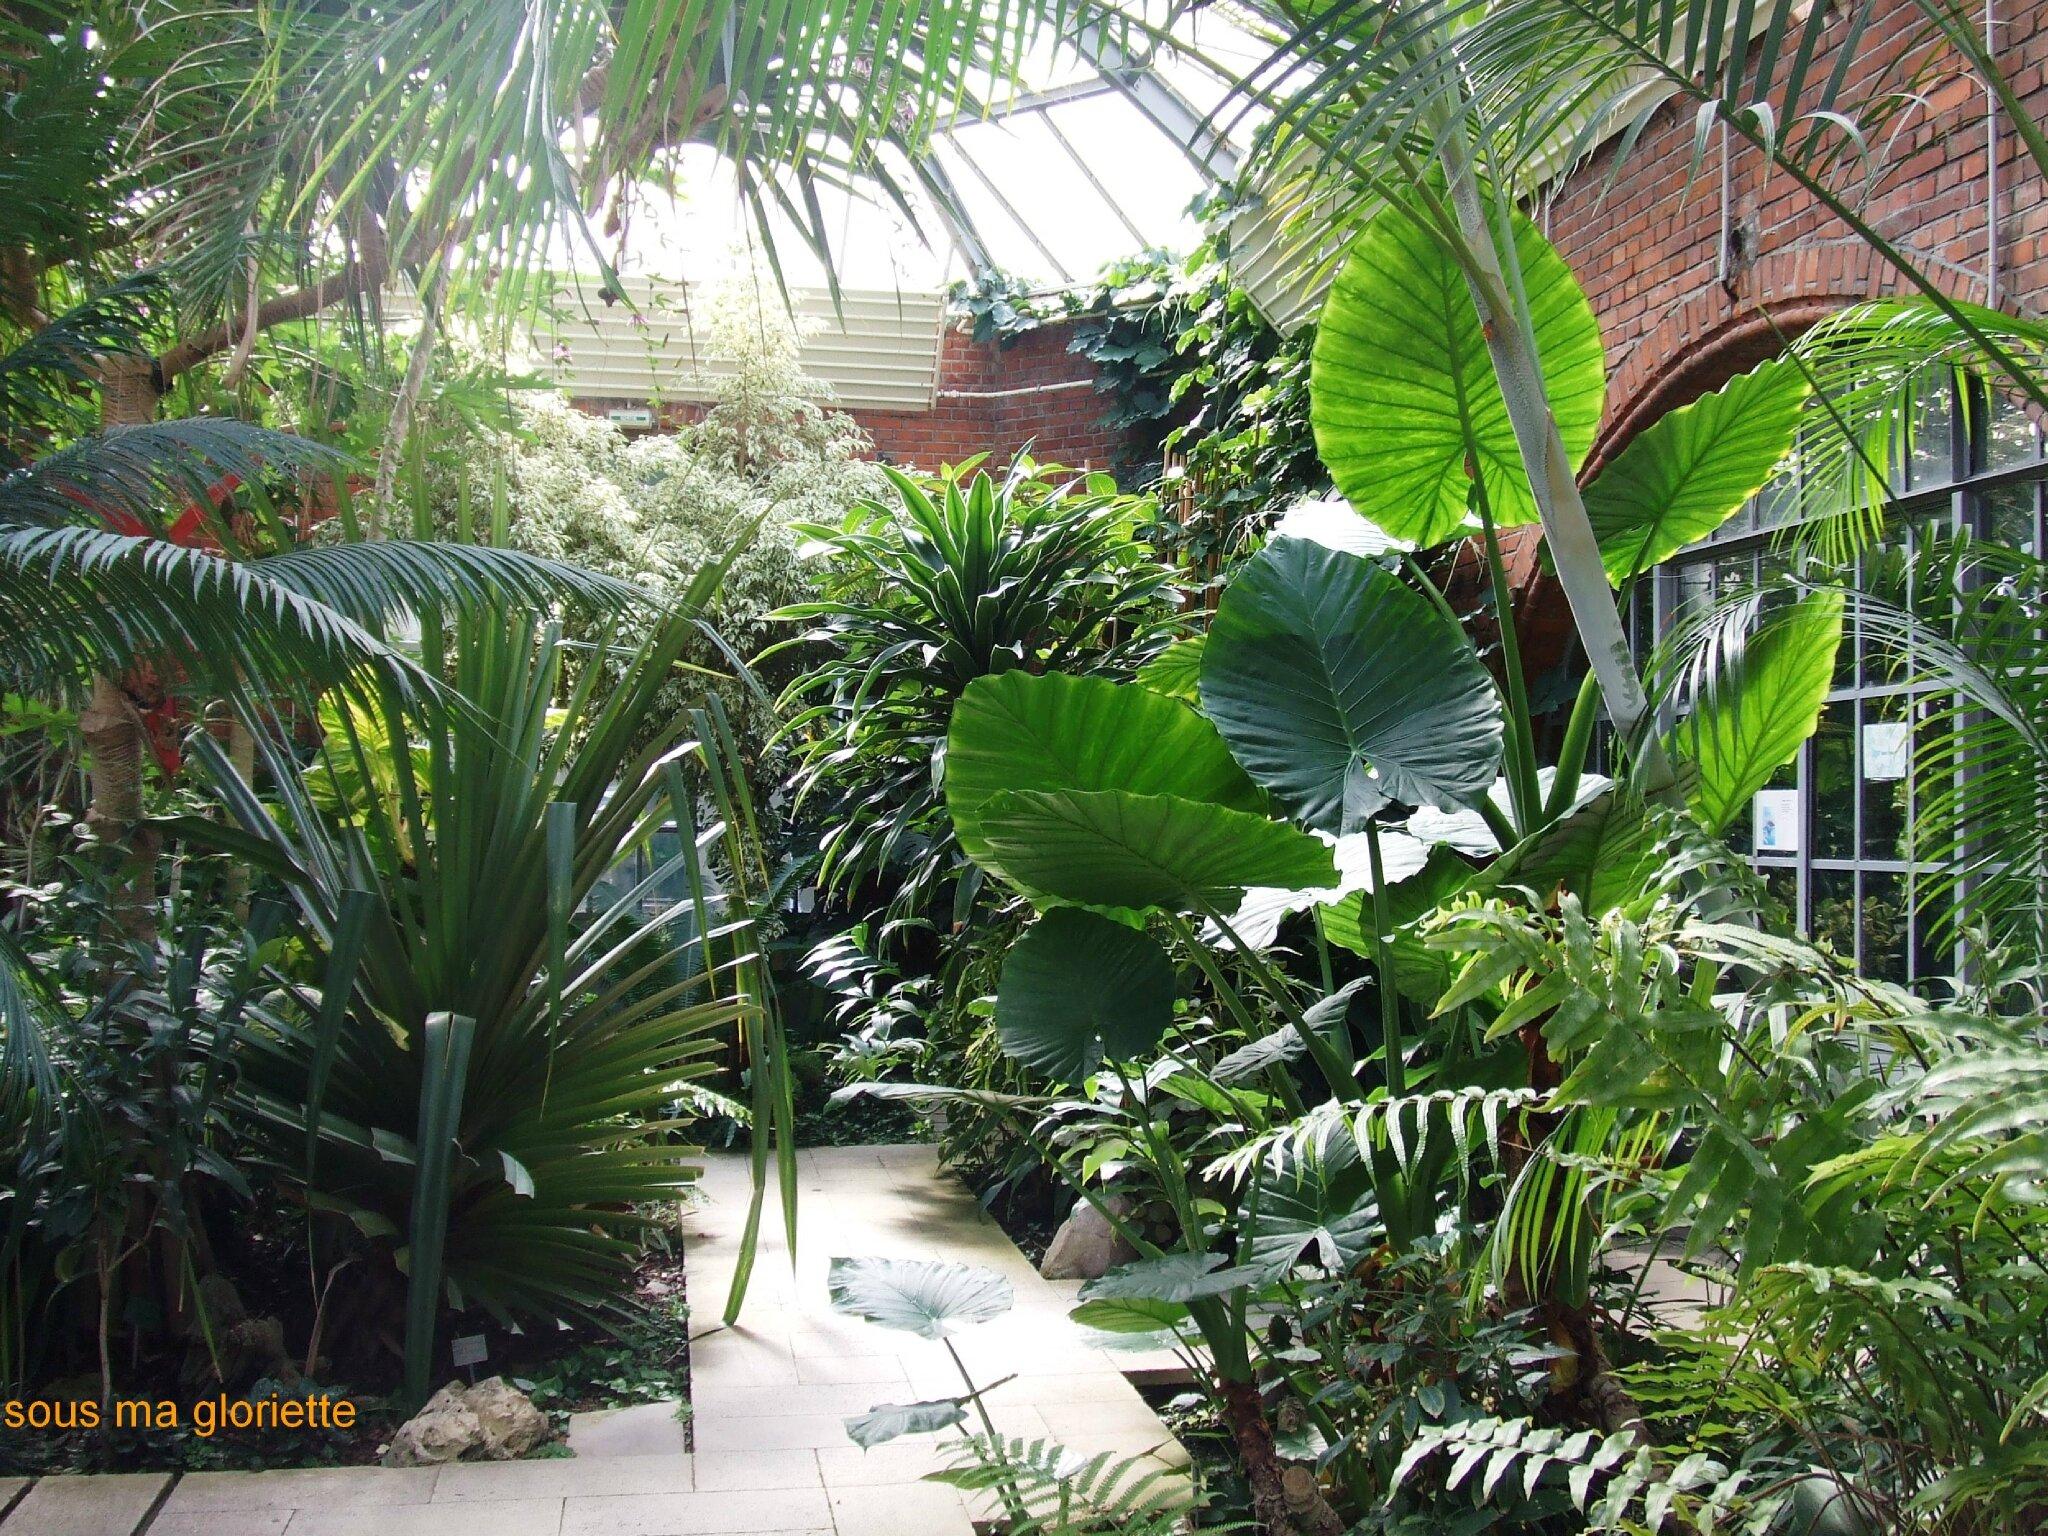 le jardin botanique de Metz - sous ma gloriette